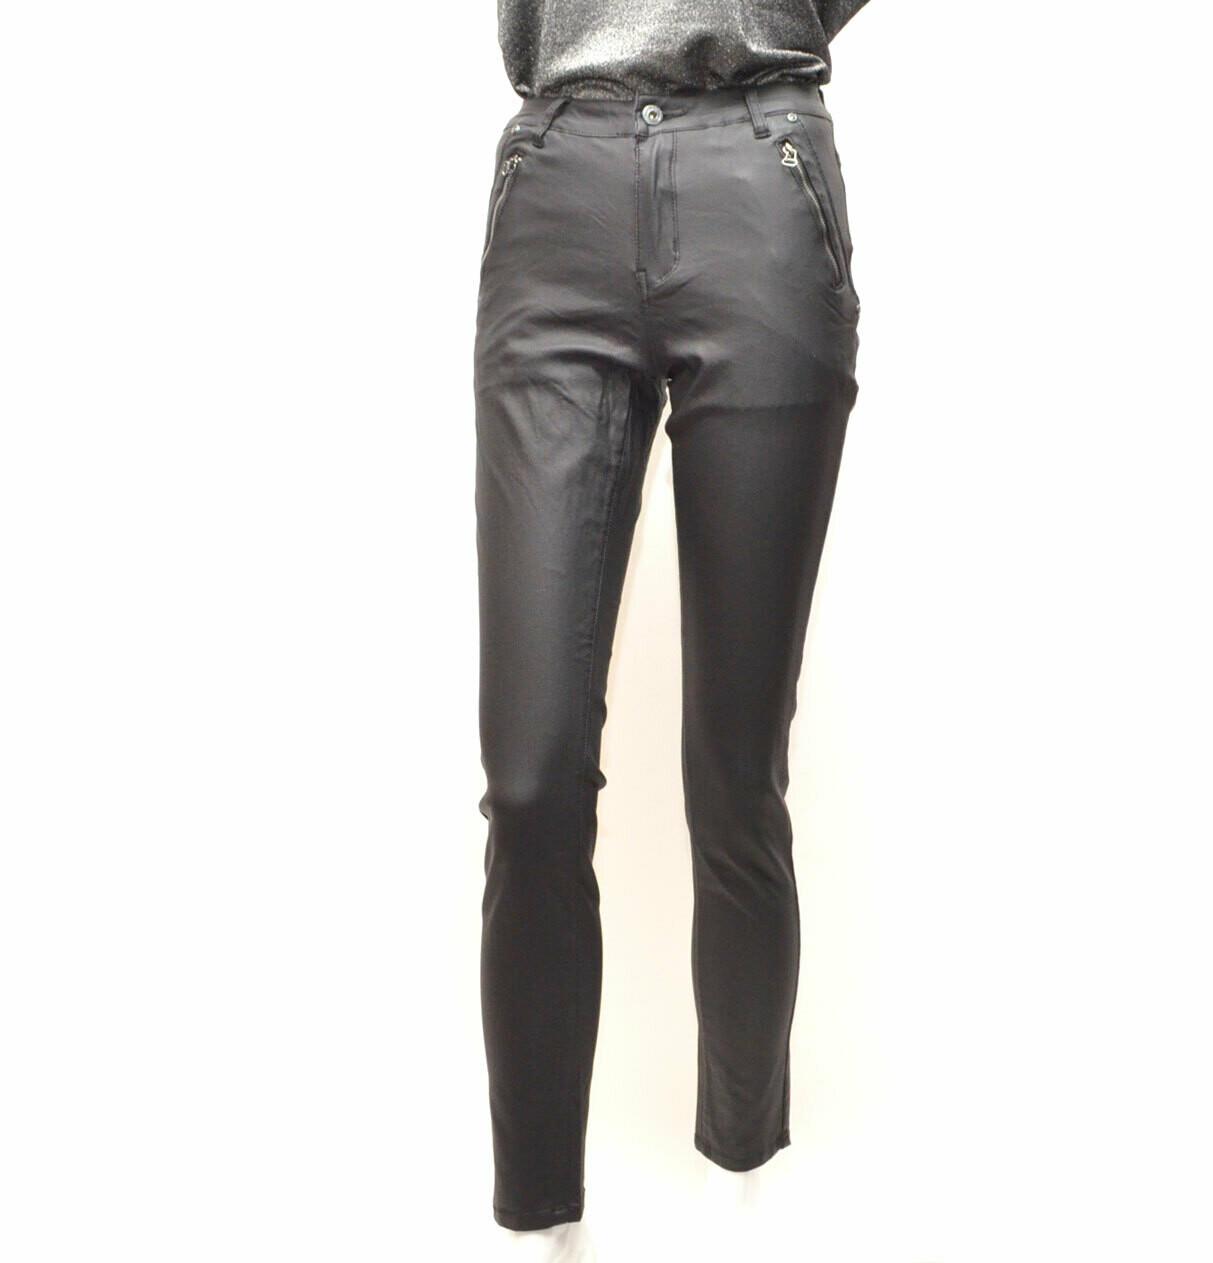 M.A.P.P jeans katy coutatut housut